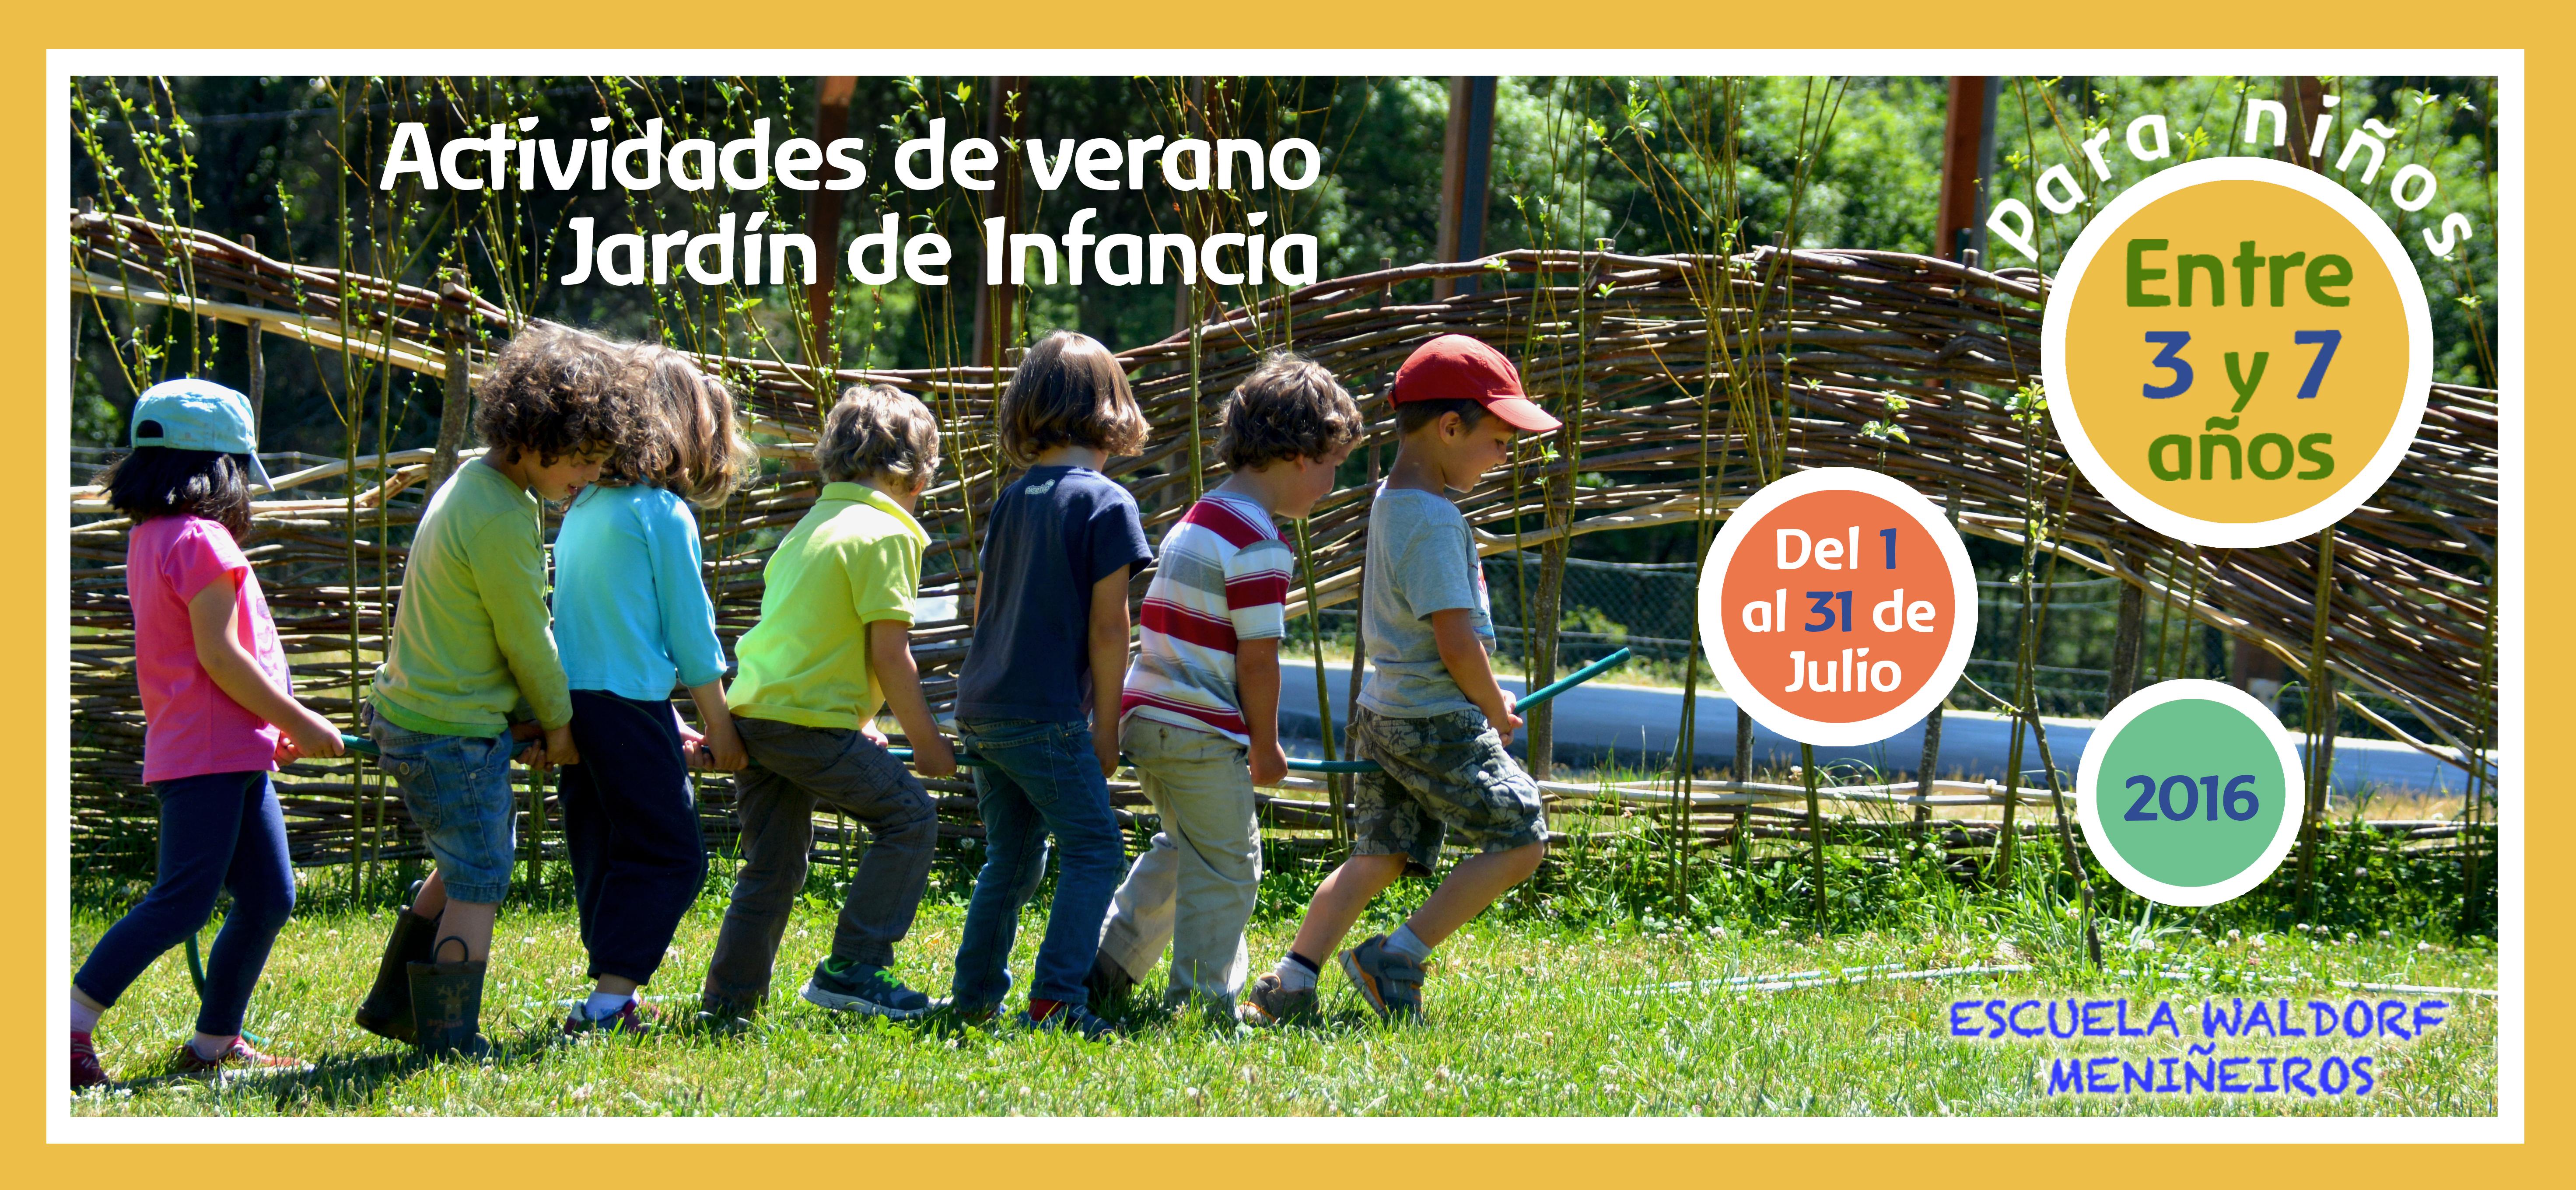 Actividades de verano para jard n de infancia escuela for Que es jardin de infancia